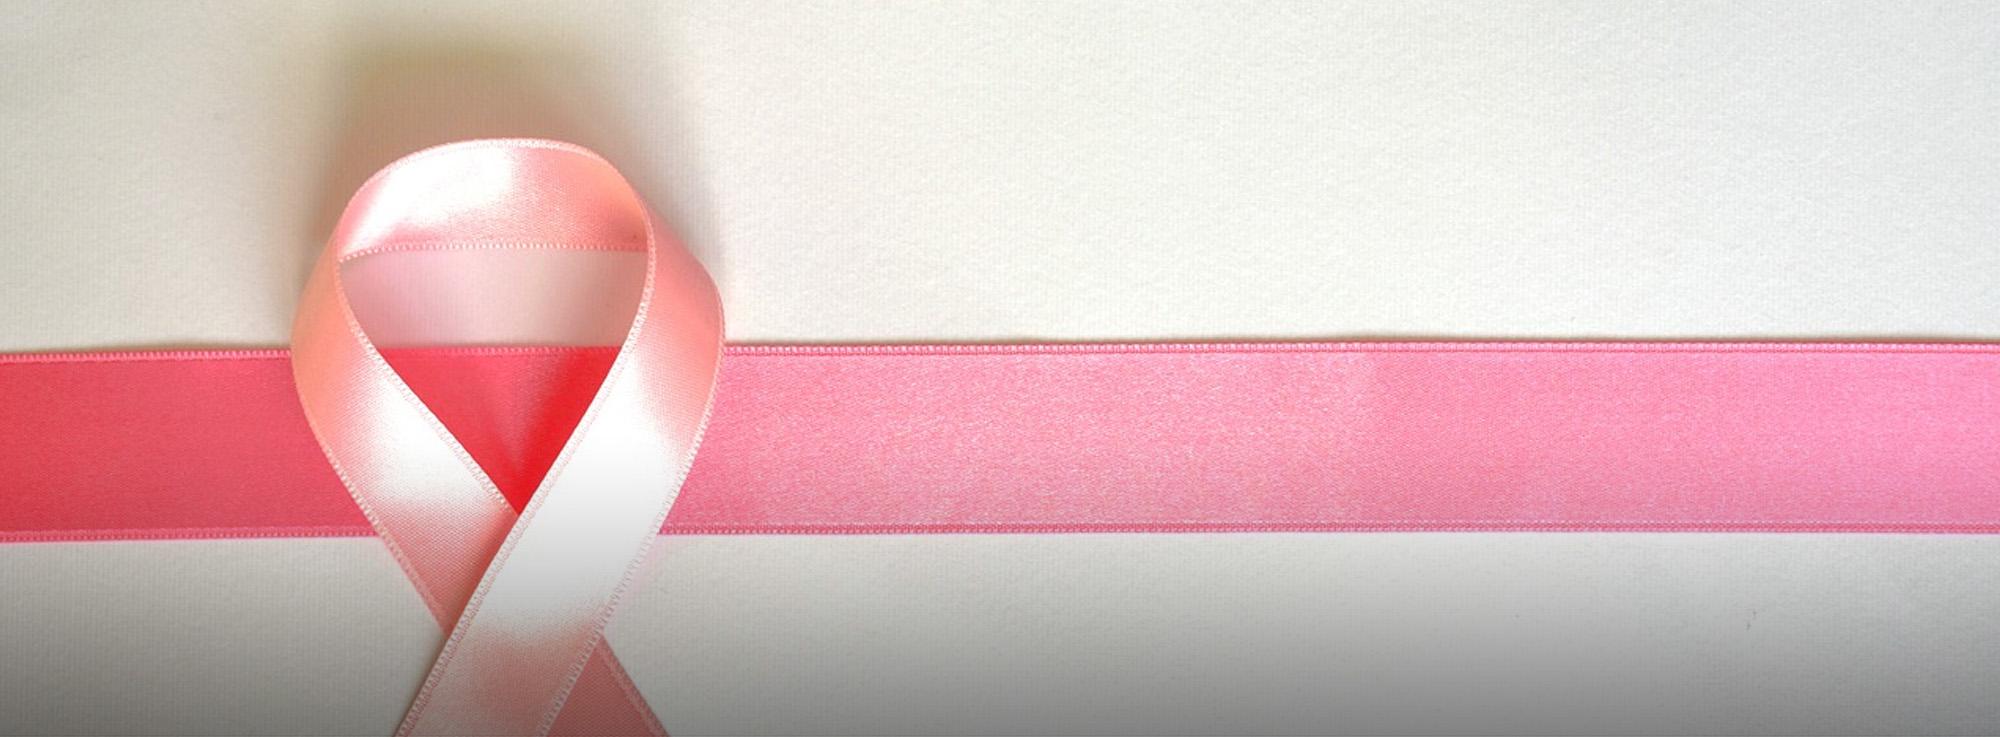 Foggia: Un nastro rosa e...un nastro rosso